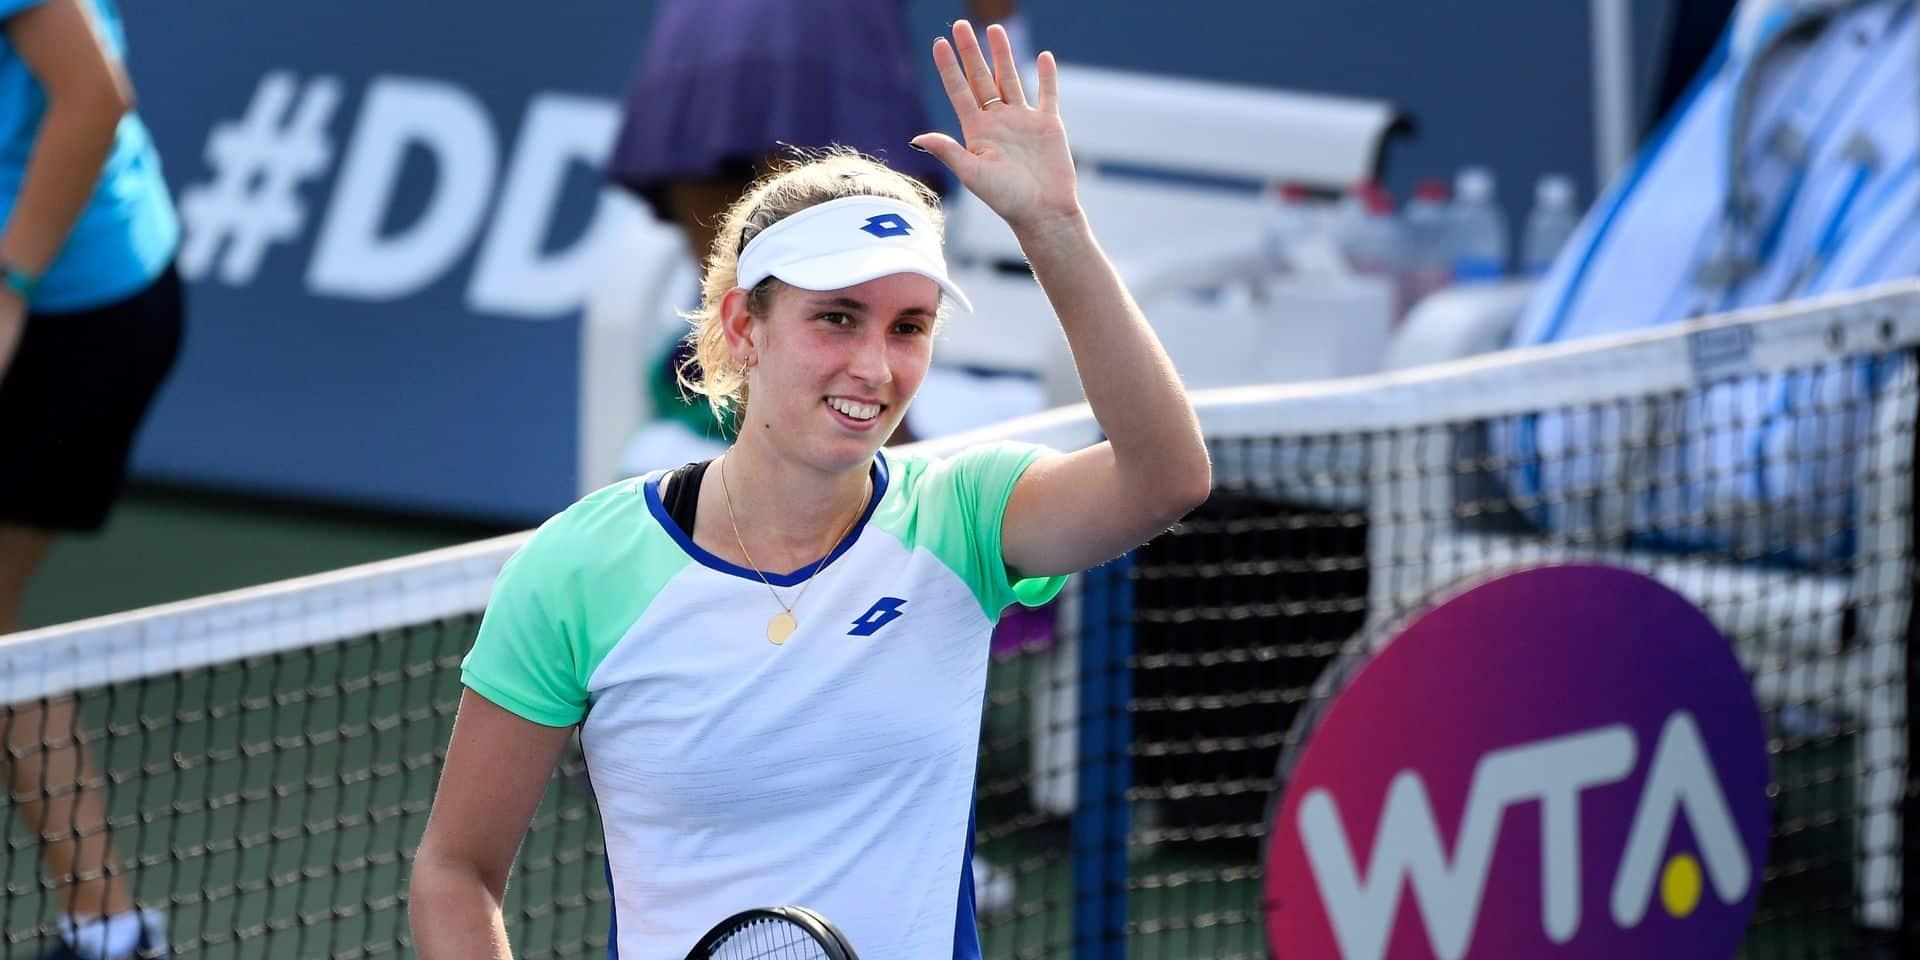 Elise Mertens et Flipkens passent le premier tour à Cincinnati, Mertens le 2e en double, Alison Van Uytvanck éliminée